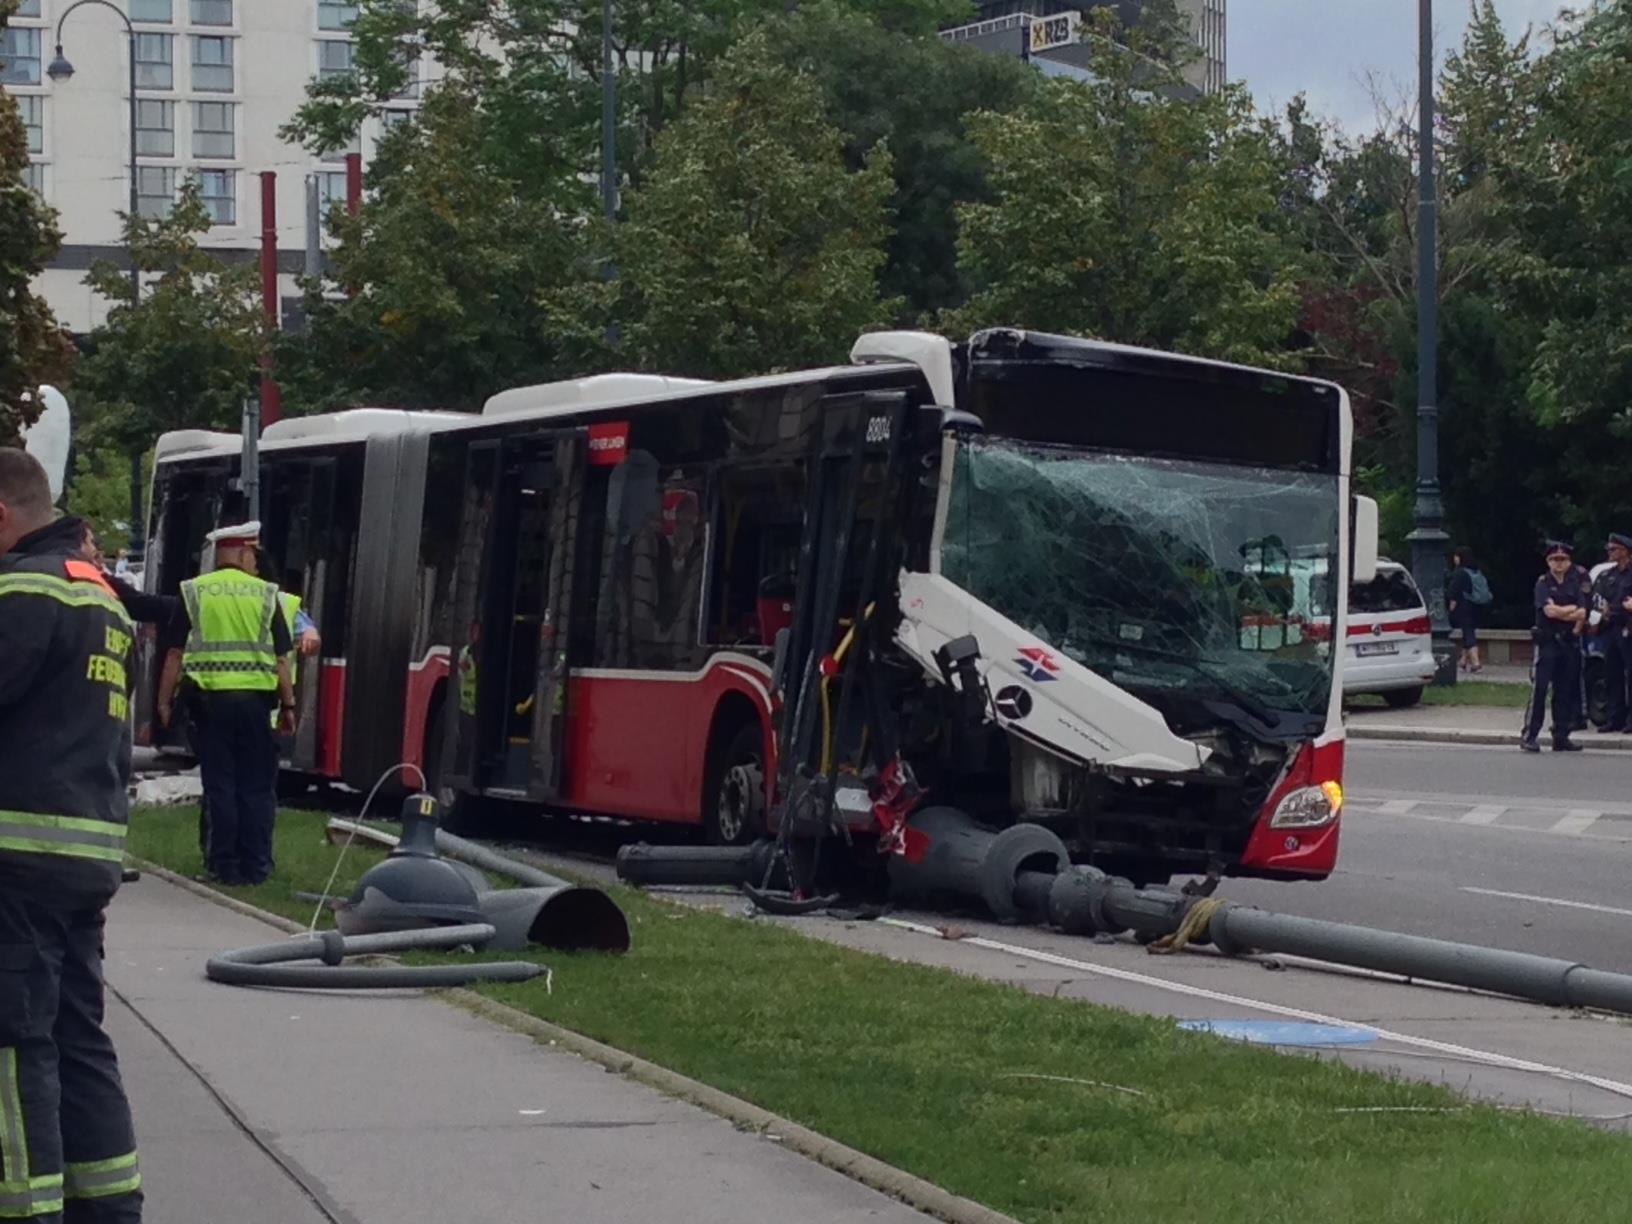 Ein Bus der Linie 74A touchierte mehrere Straßenlaternen in der Wiener Innenstadt.